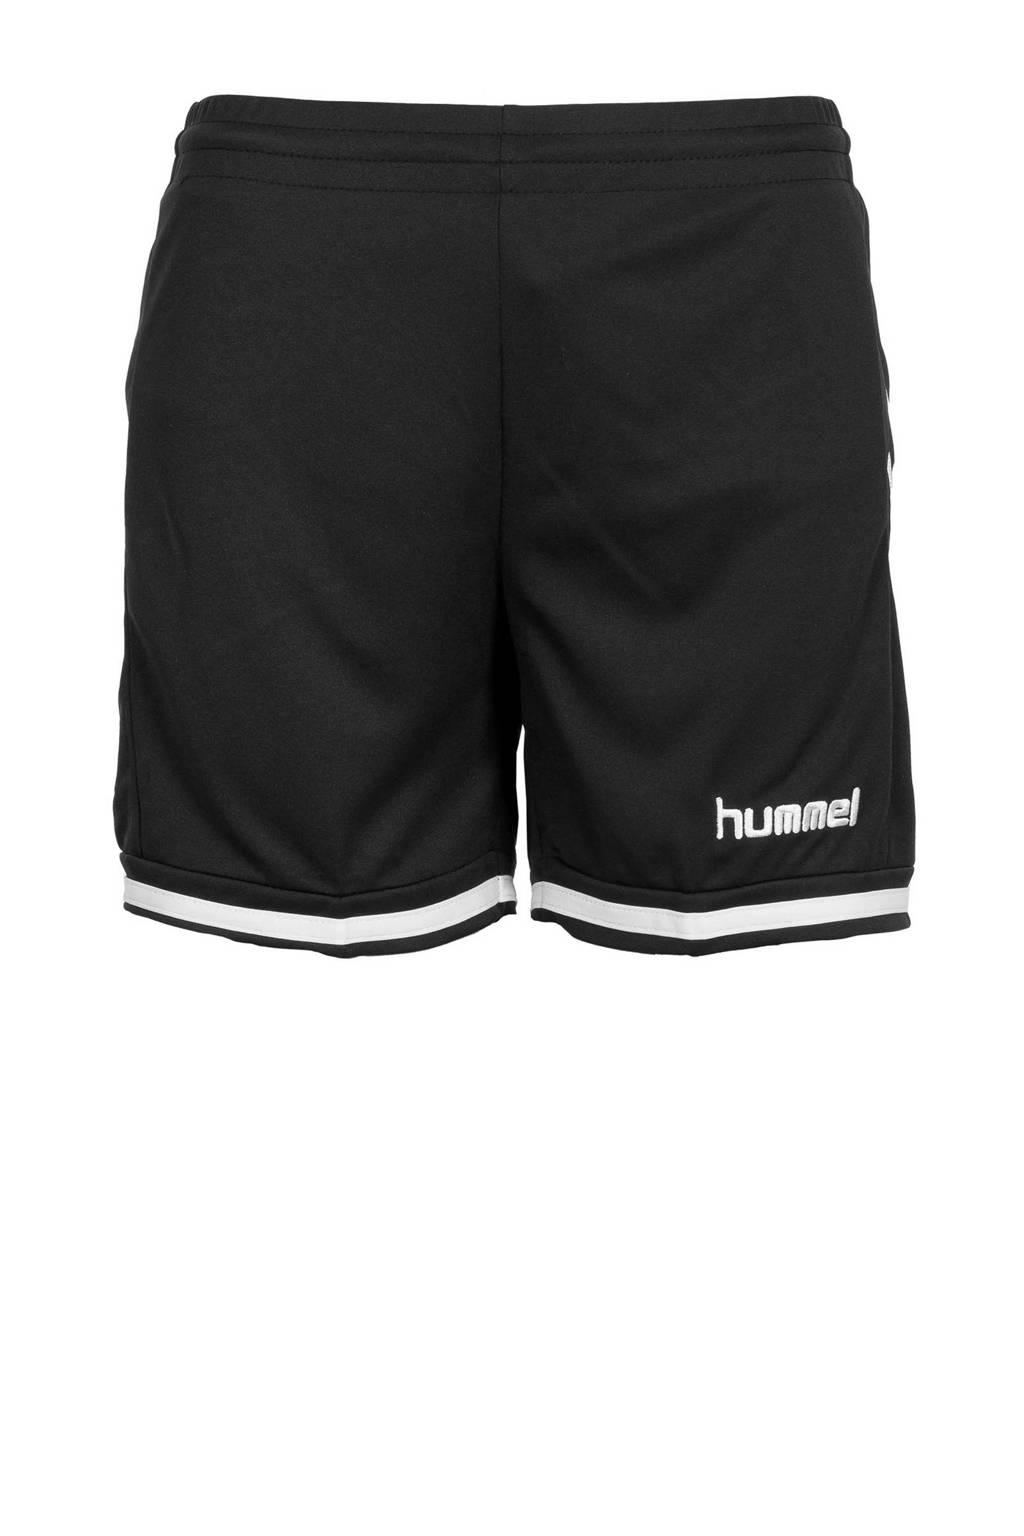 hummel sportshort, Zwart/wit